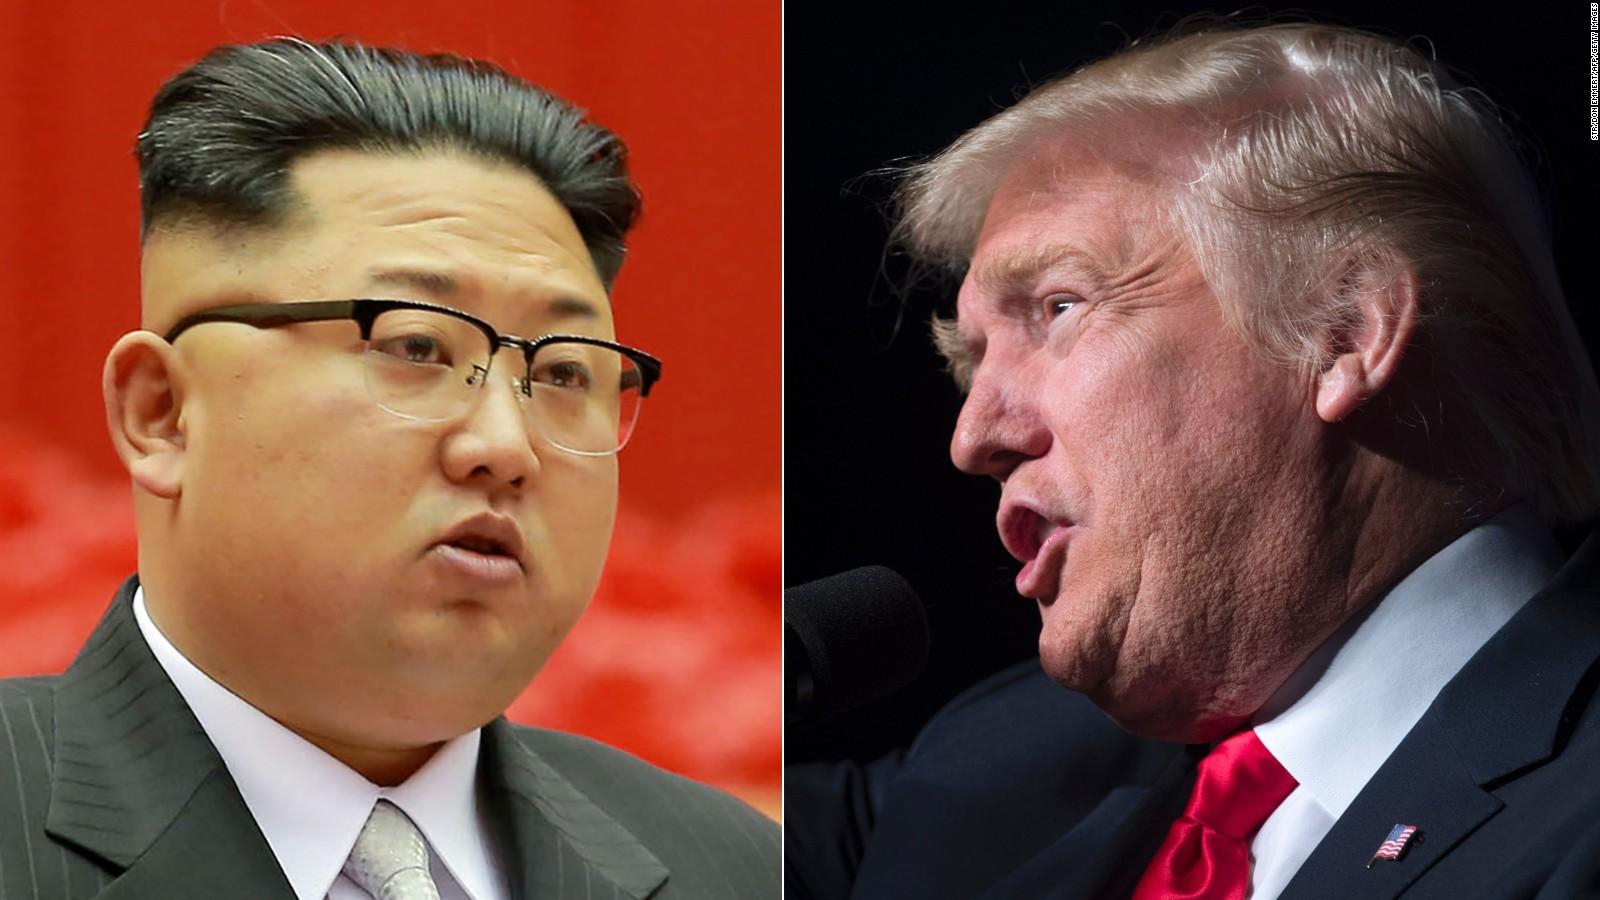 دونالد ترامب وزعيم كوريا الشمالية